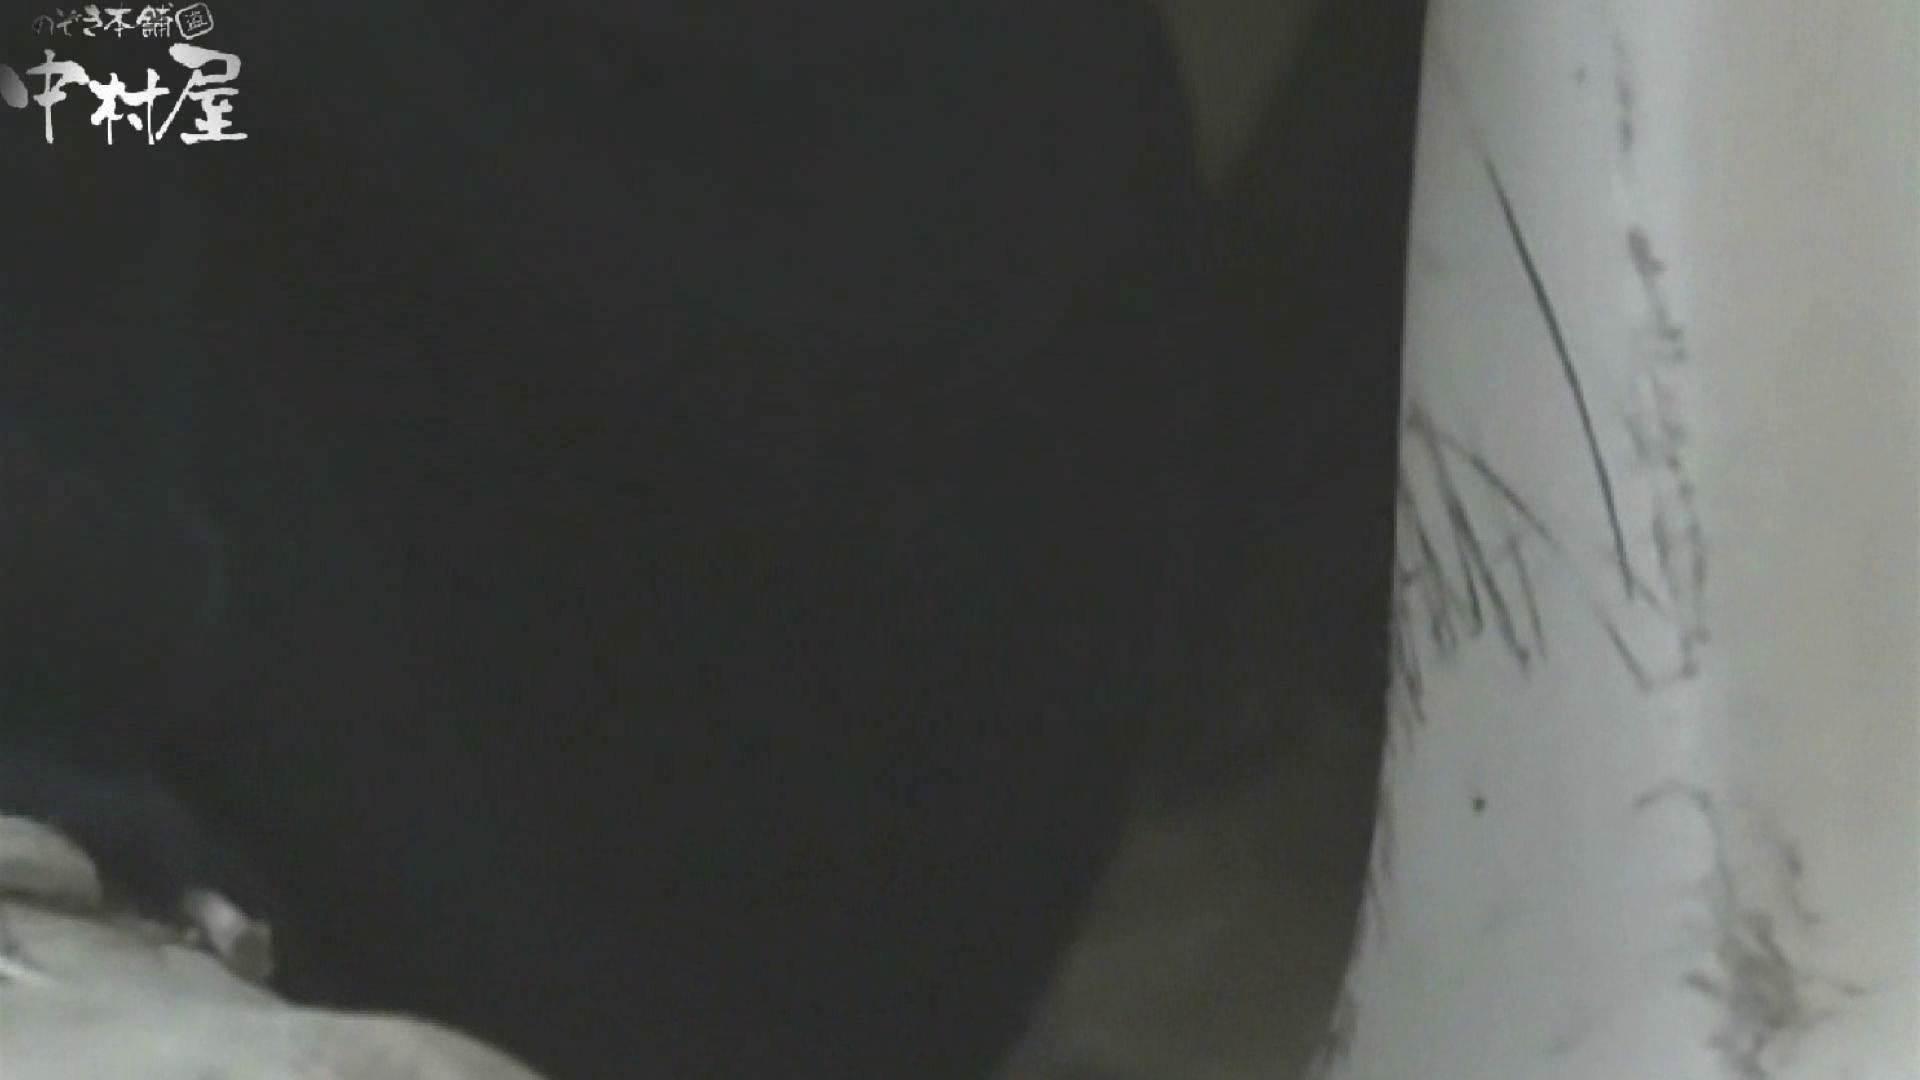 解禁!海の家4カメ洗面所vol.01 人気シリーズ オマンコ動画キャプチャ 99PIX 5